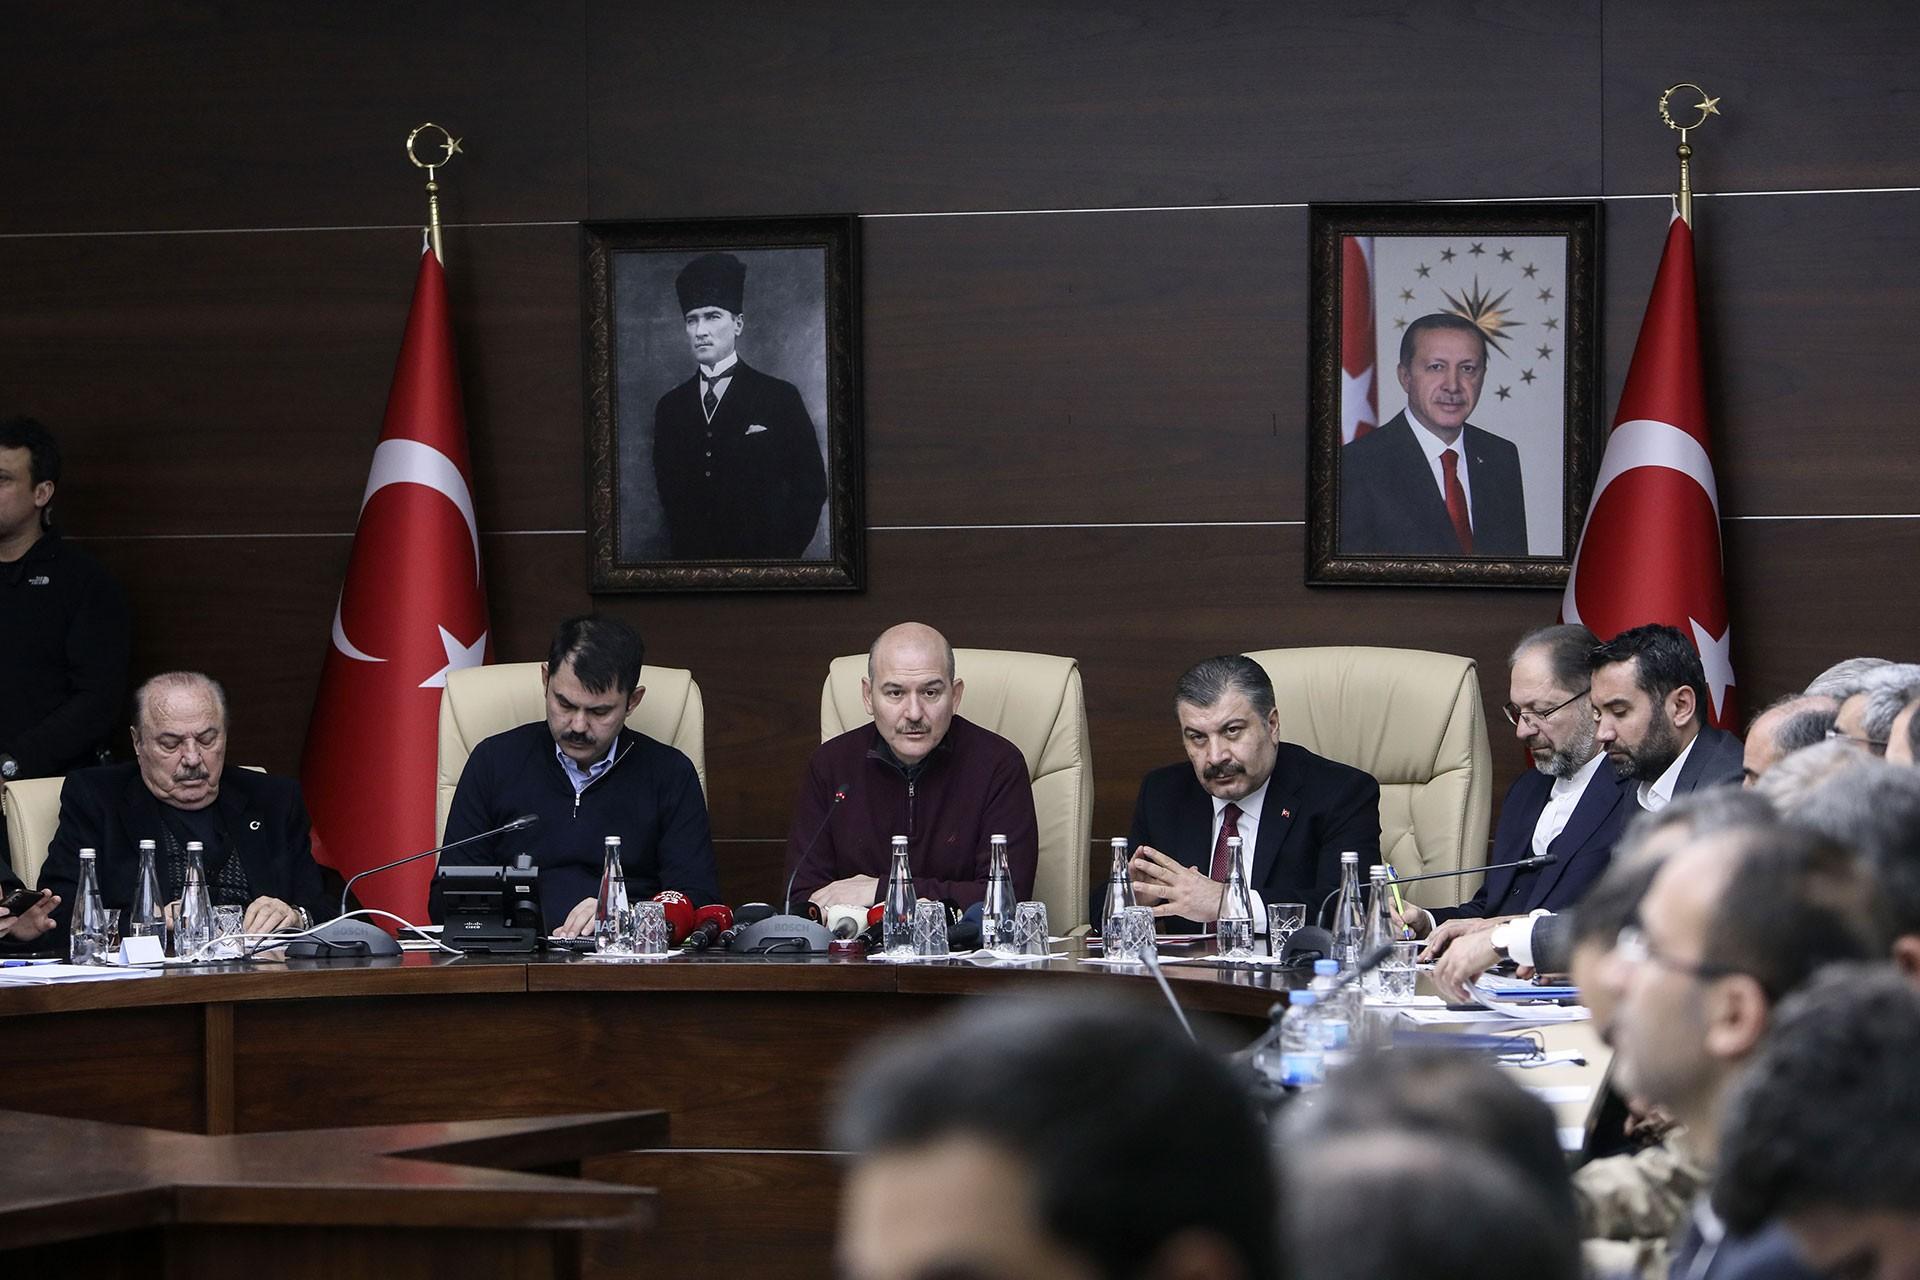 İçişleri Bakanı Süleyman Soylu (ortada), Sağlık Bakanı Fahrettin Koca (sağ 3) ve Çevre ve Şehircilik Bakanı Murat Kurum (sol 2), Elazığ Valiliğinde Değerlendirme toplantısının ardından basın açıklaması yapıyor.